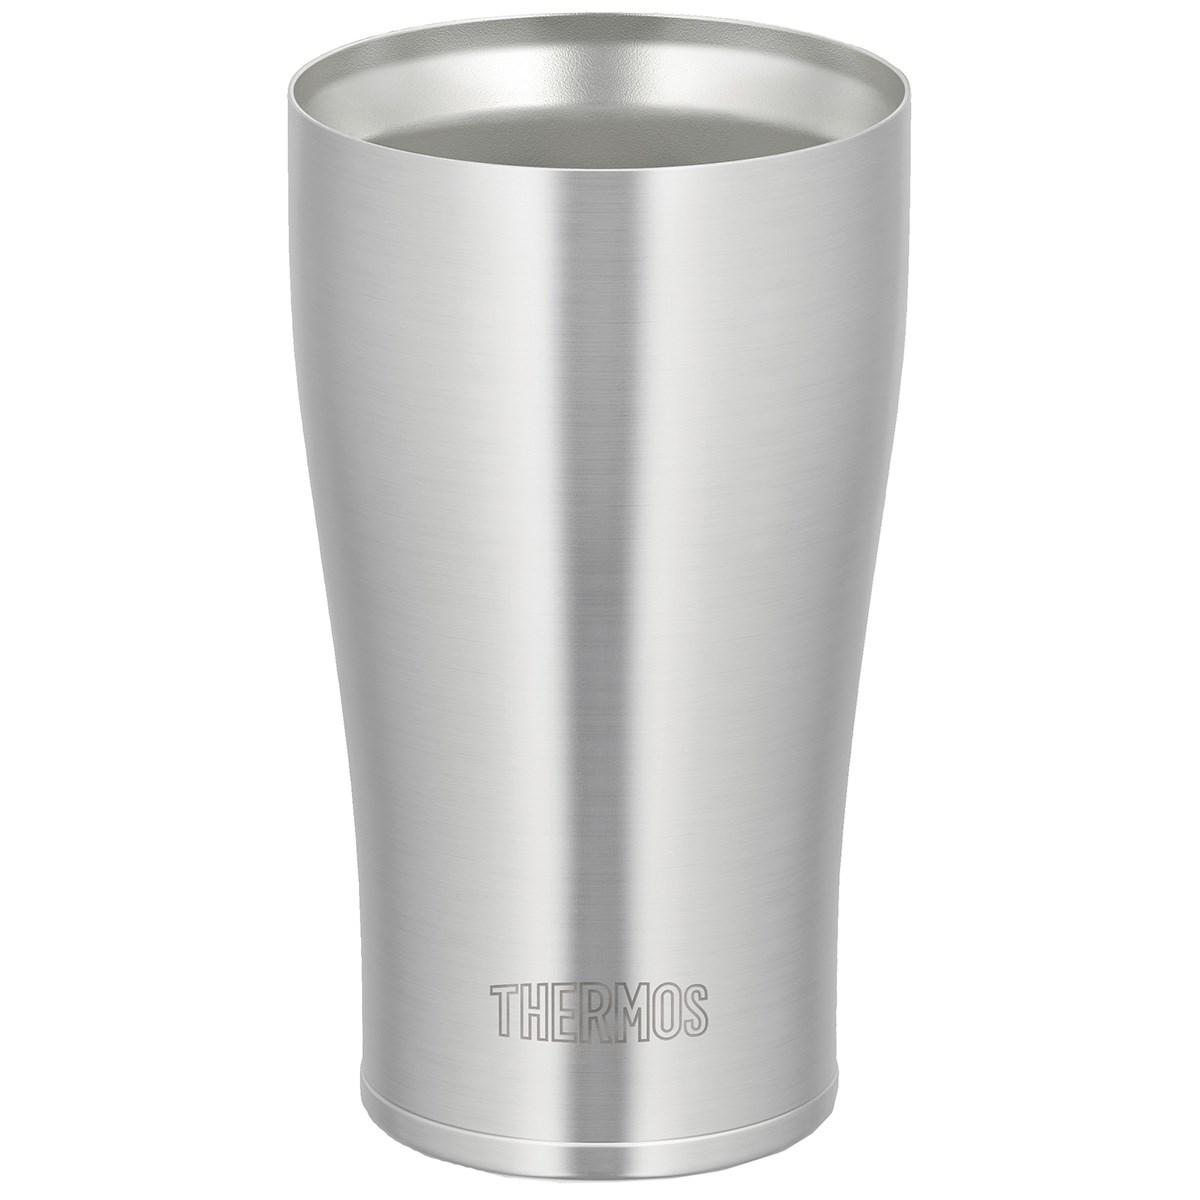 サーモス 真空断熱タンブラー 0.34L